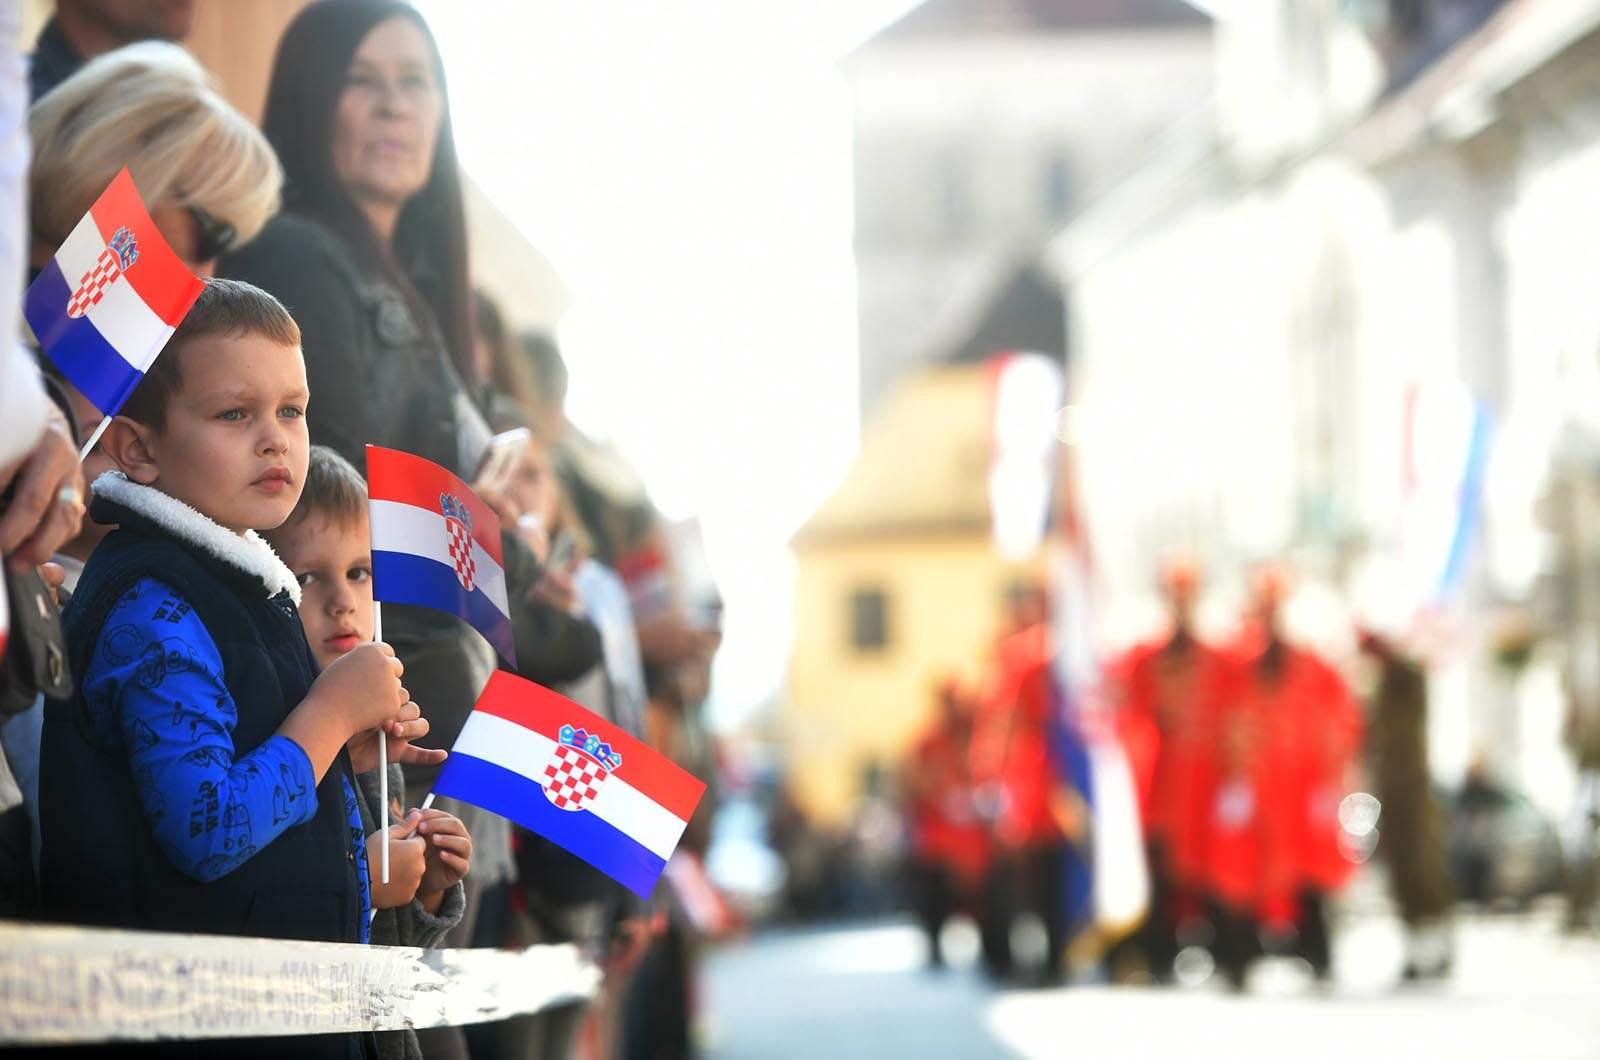 Dan neovisnosti Republike Hrvatske svečano je obilježen u utorak, 8. listopada 2019. u Zagrebu | Foto: MORH / T. Brandt